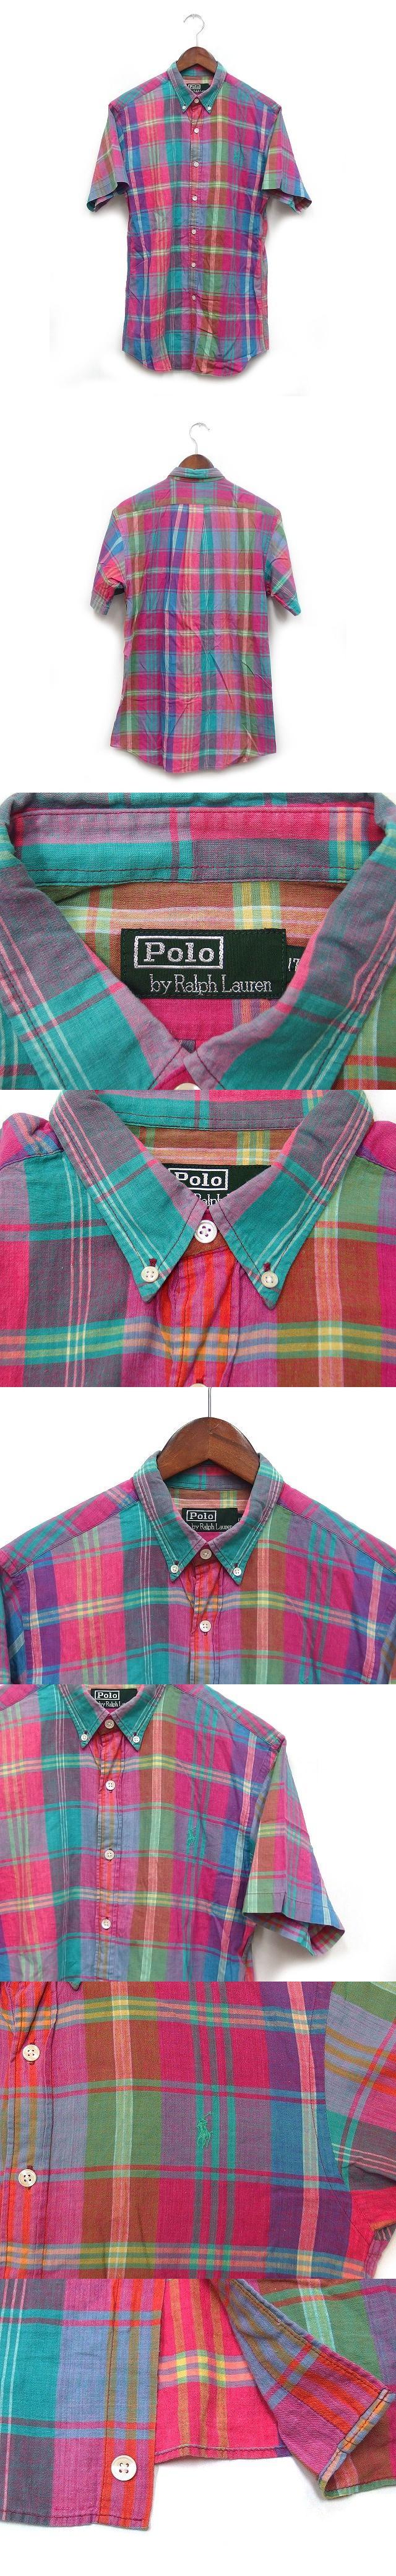 国内正規 シャツ 半袖 ボタンダウン チェック マドラス スモールポニー コットン 綿 170 ピンク グリーン 緑 /K